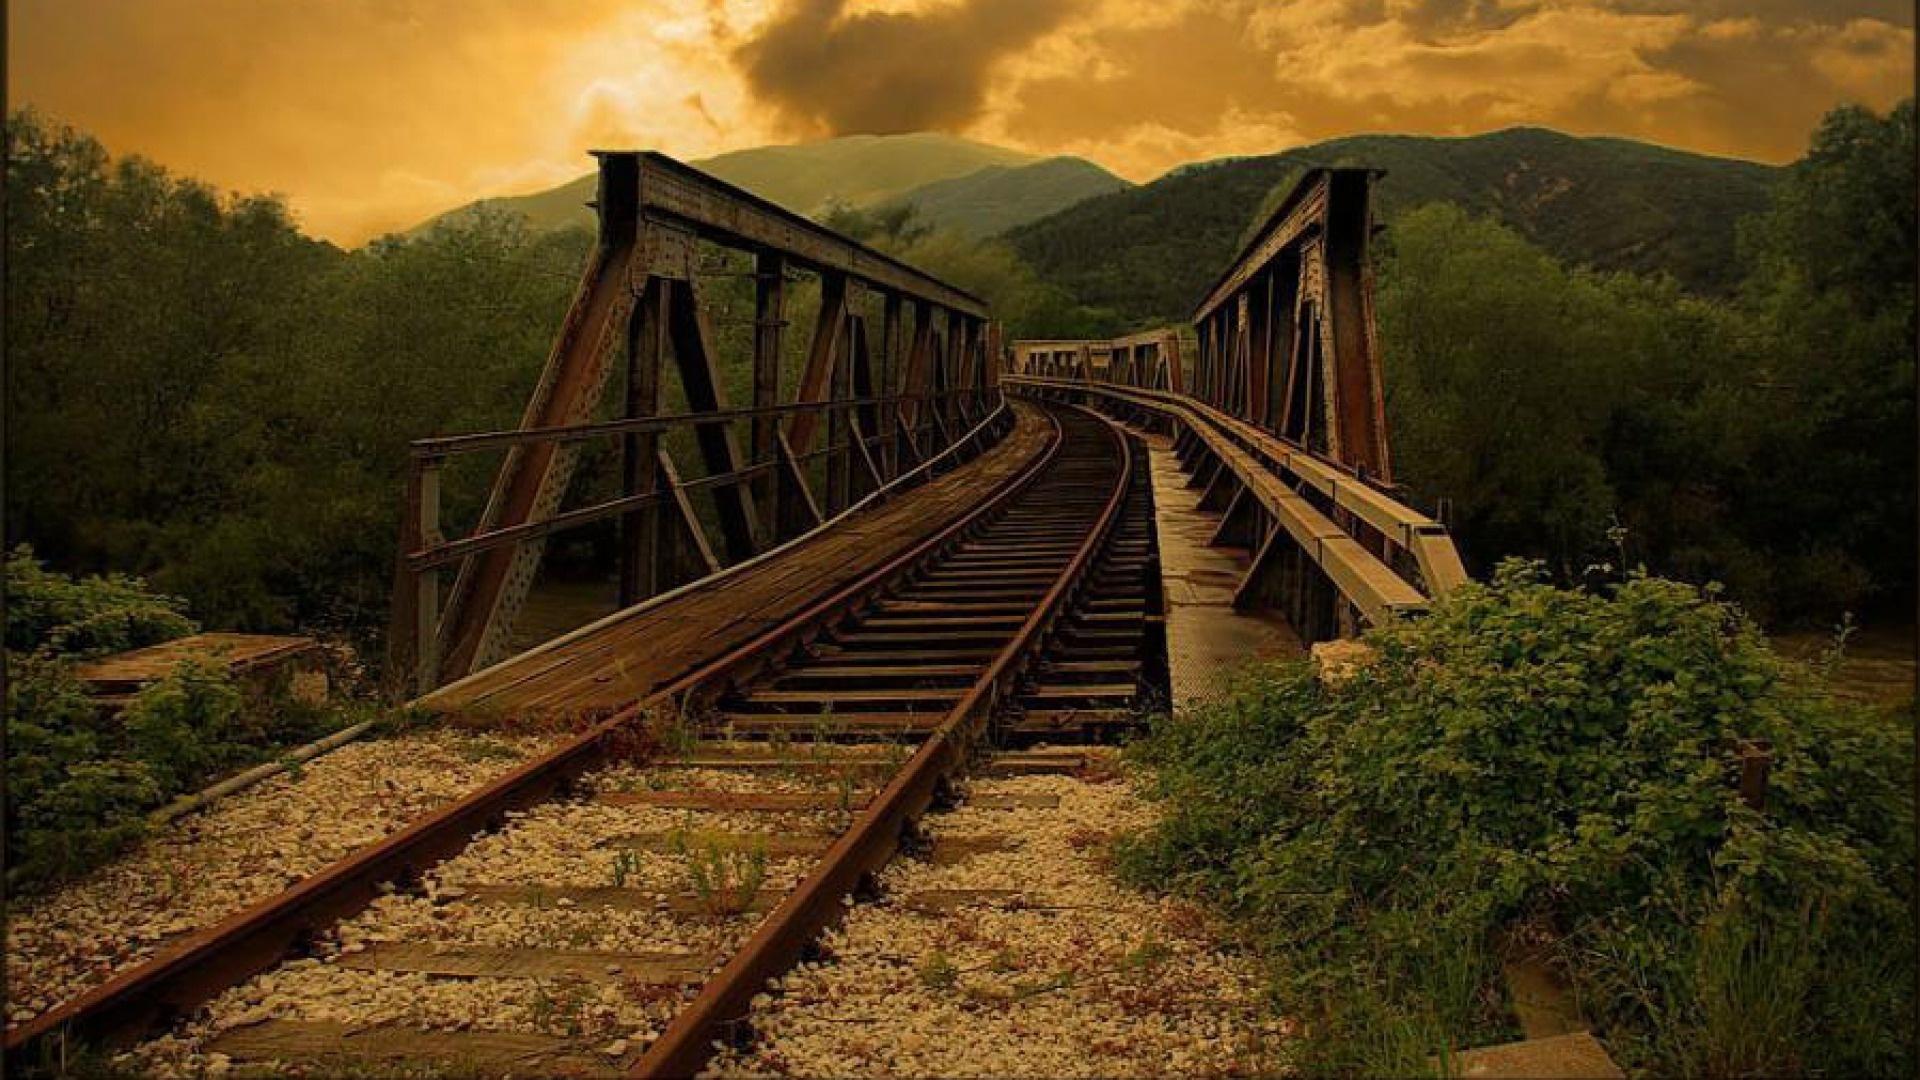 картинки железная дорога мосты киви массово